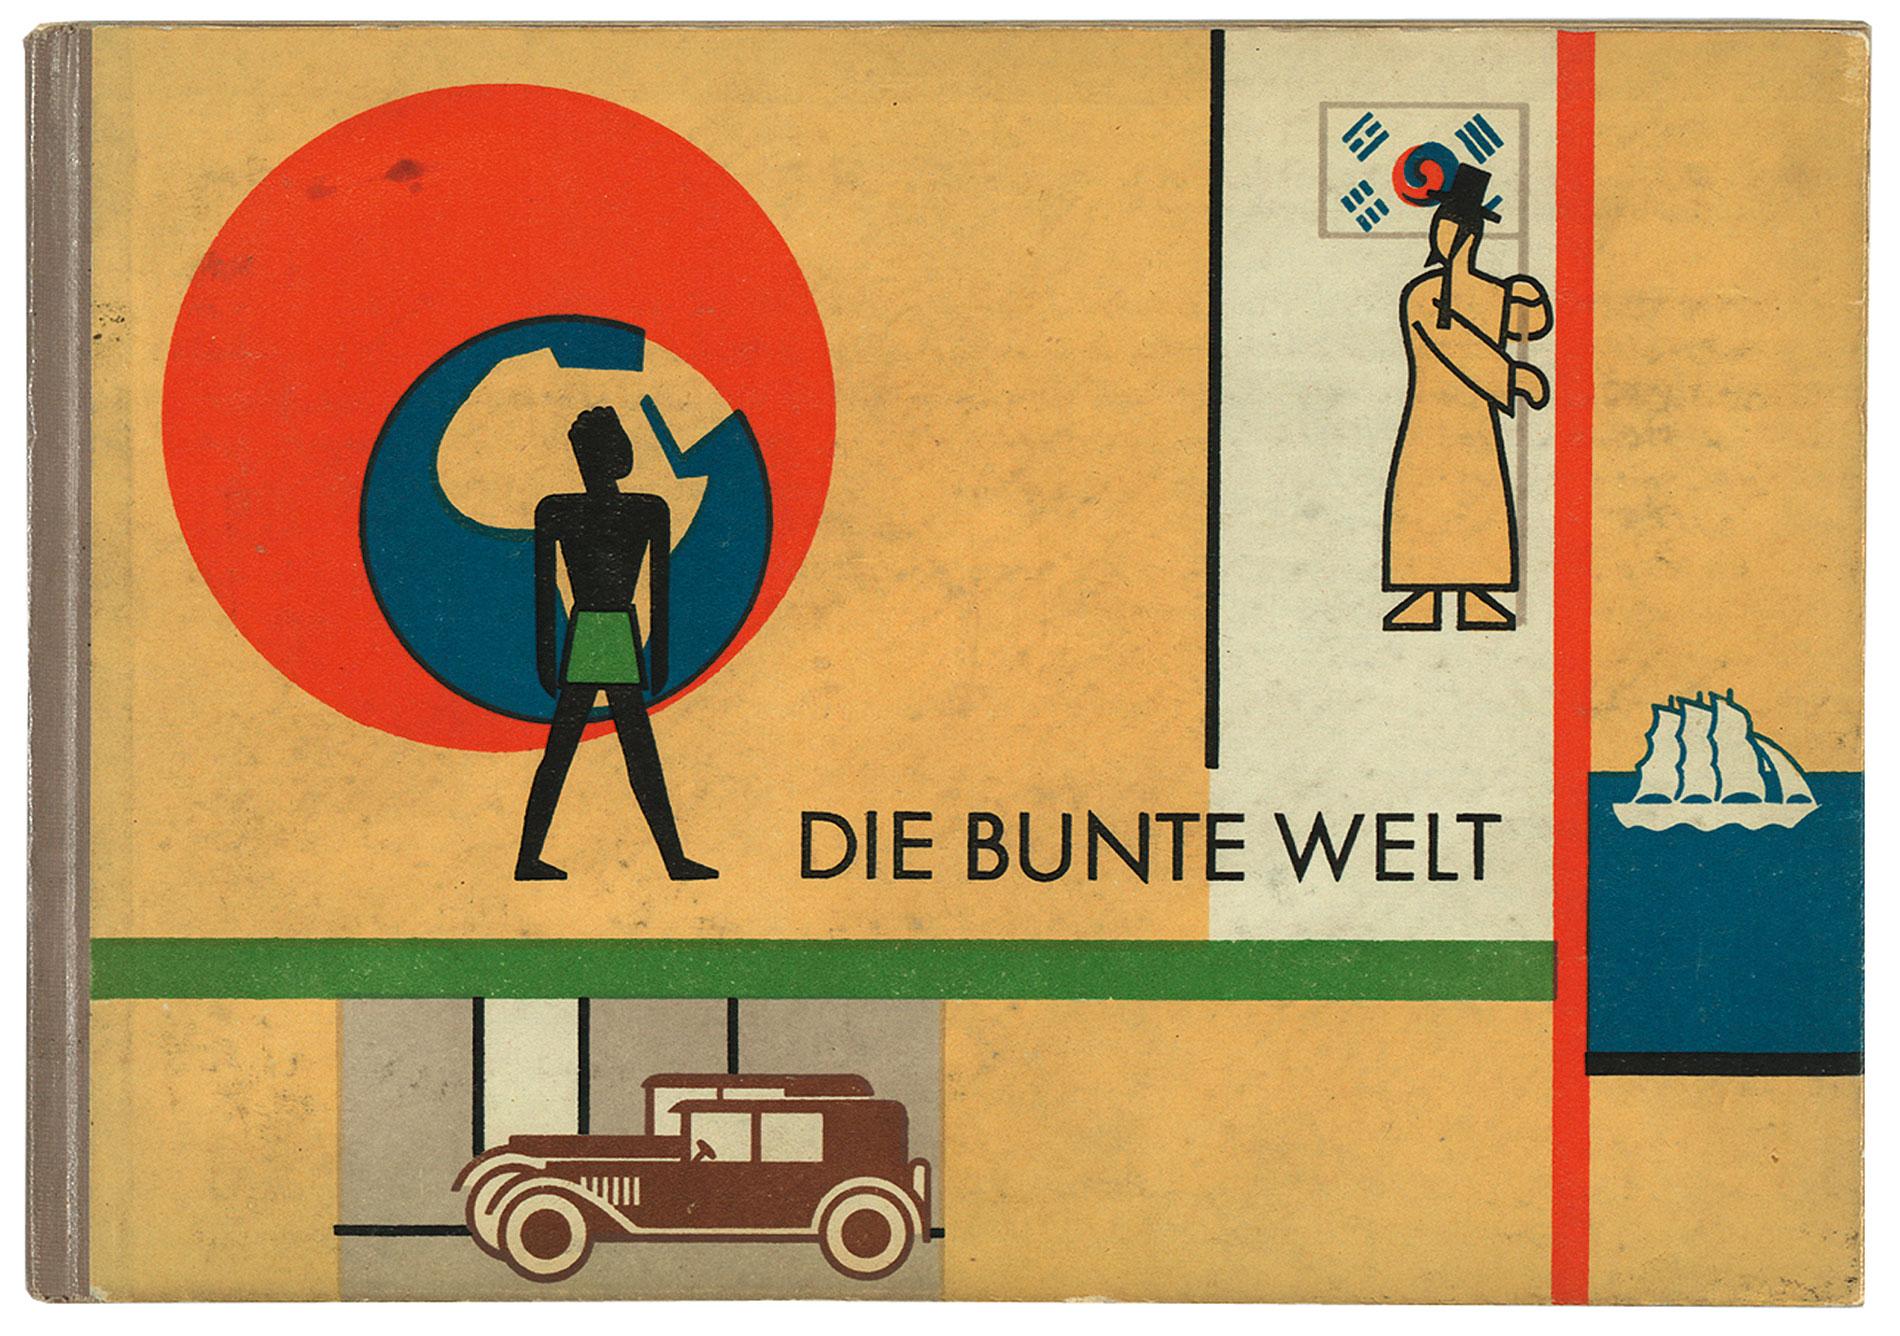 Aus der Sammlung Heller: Die bunte Welt, illustriert von Gerd Arntz, Text von Otto Neurath, Artur Wolf Verlag, Wien 1929